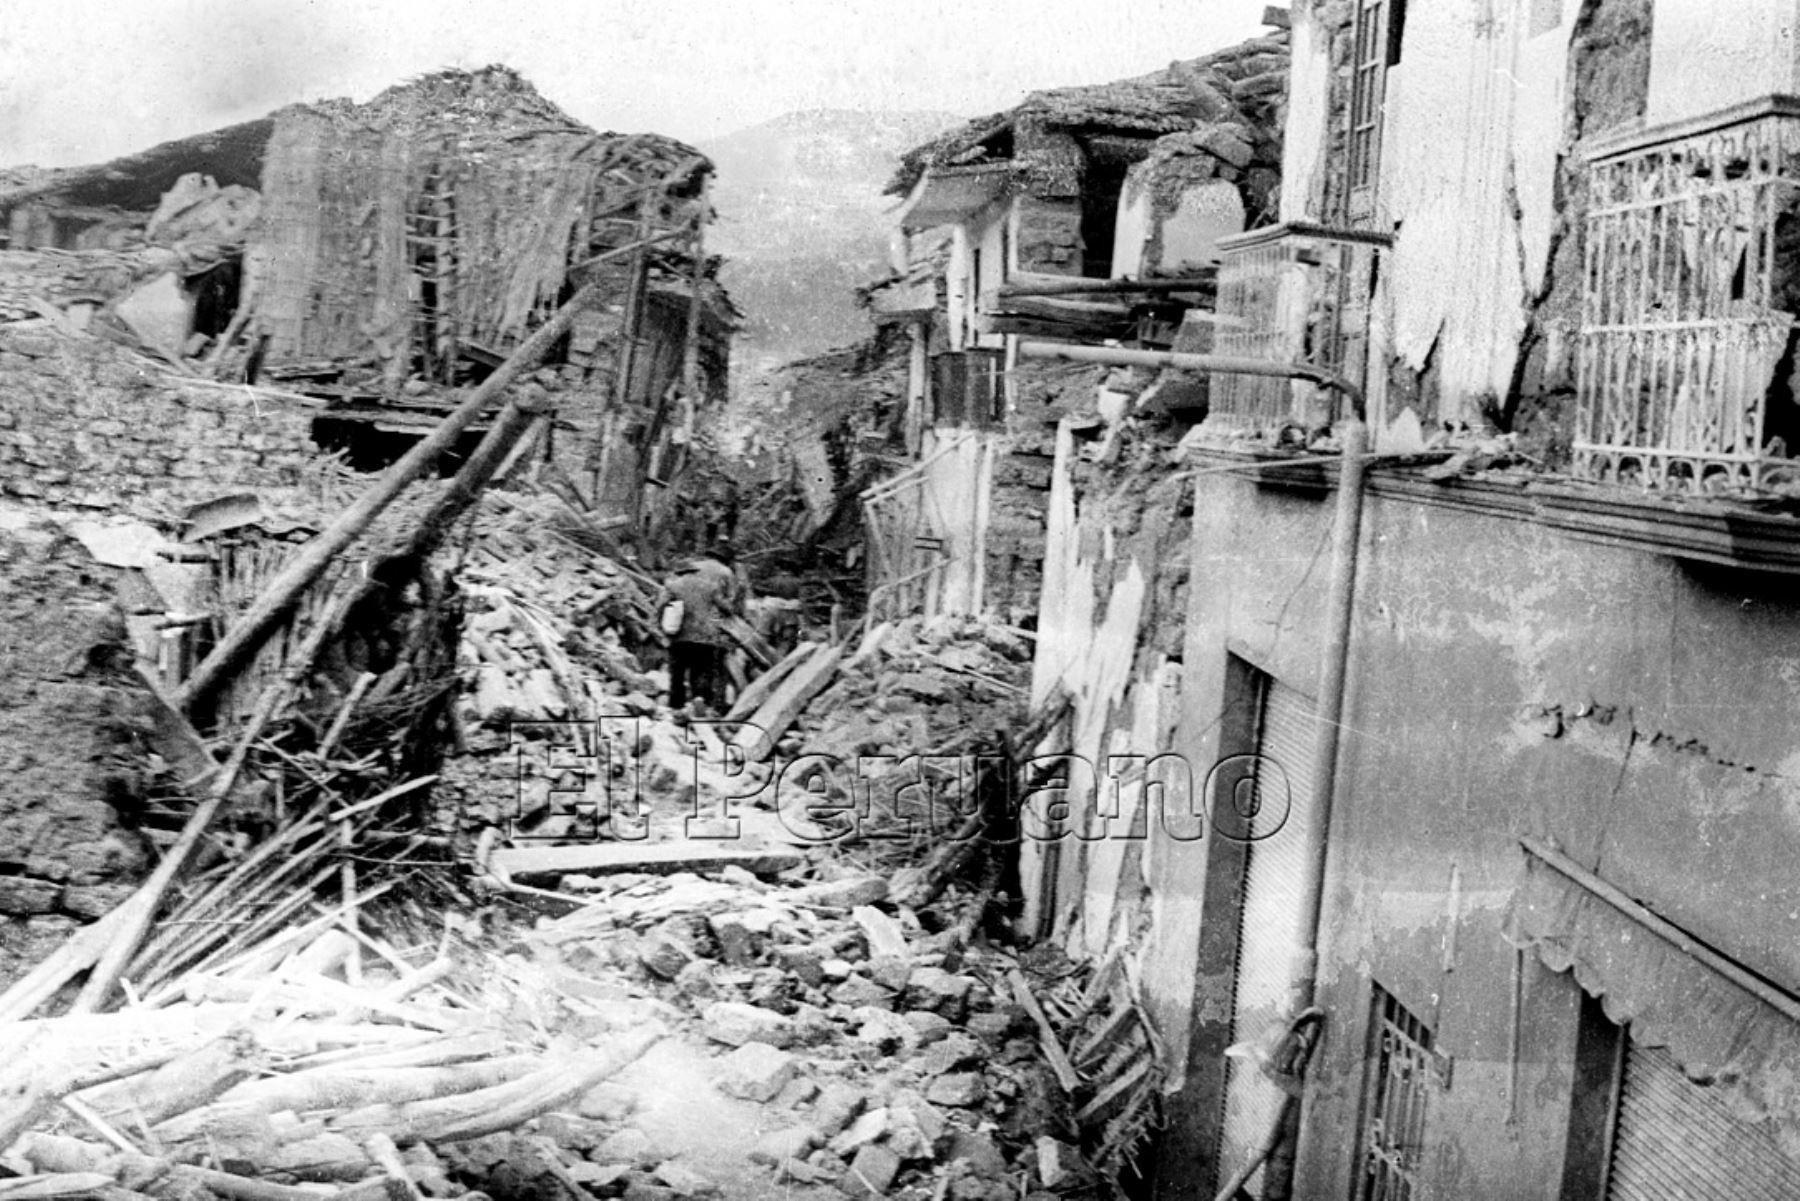 Ancash 01 jun 1970 / Terremoto de Yungay. Escultura del Cristo de Yungay en el Cerro Huansakay donde también está cementerio de la ciudad.